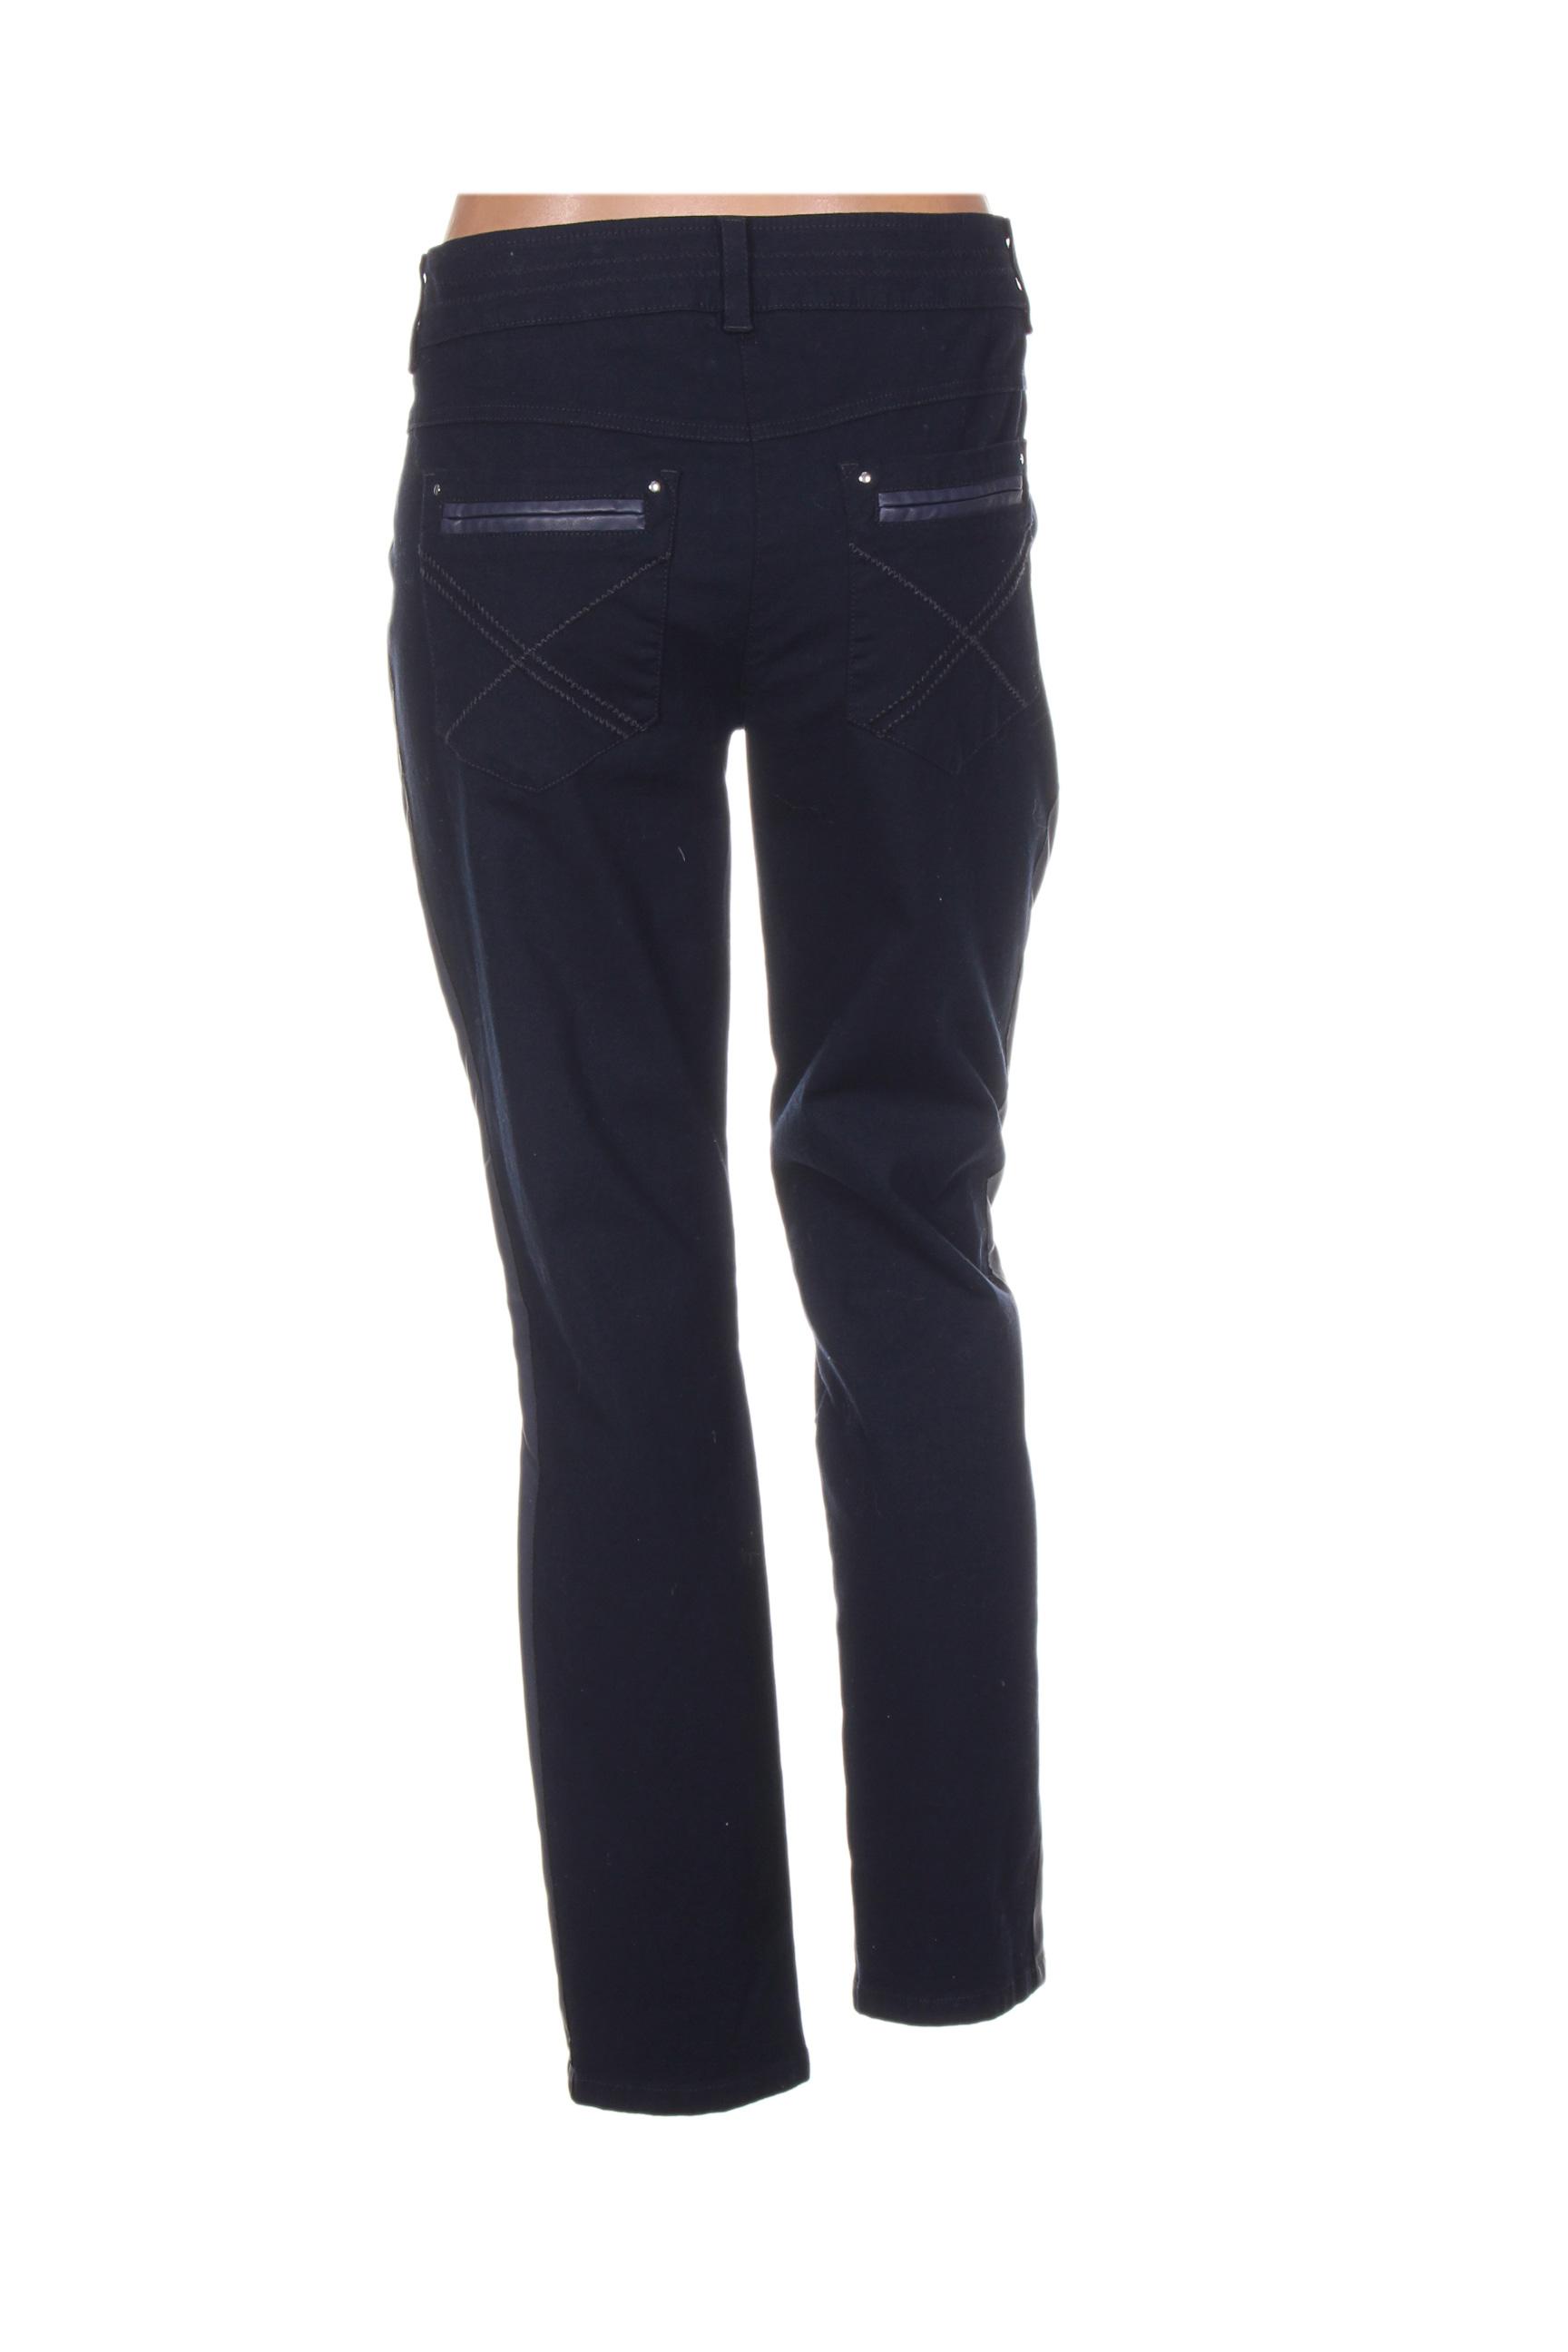 Sportalm Pantalons Decontractes Femme De Couleur Bleu En Soldes Pas Cher 1234963-bleu00